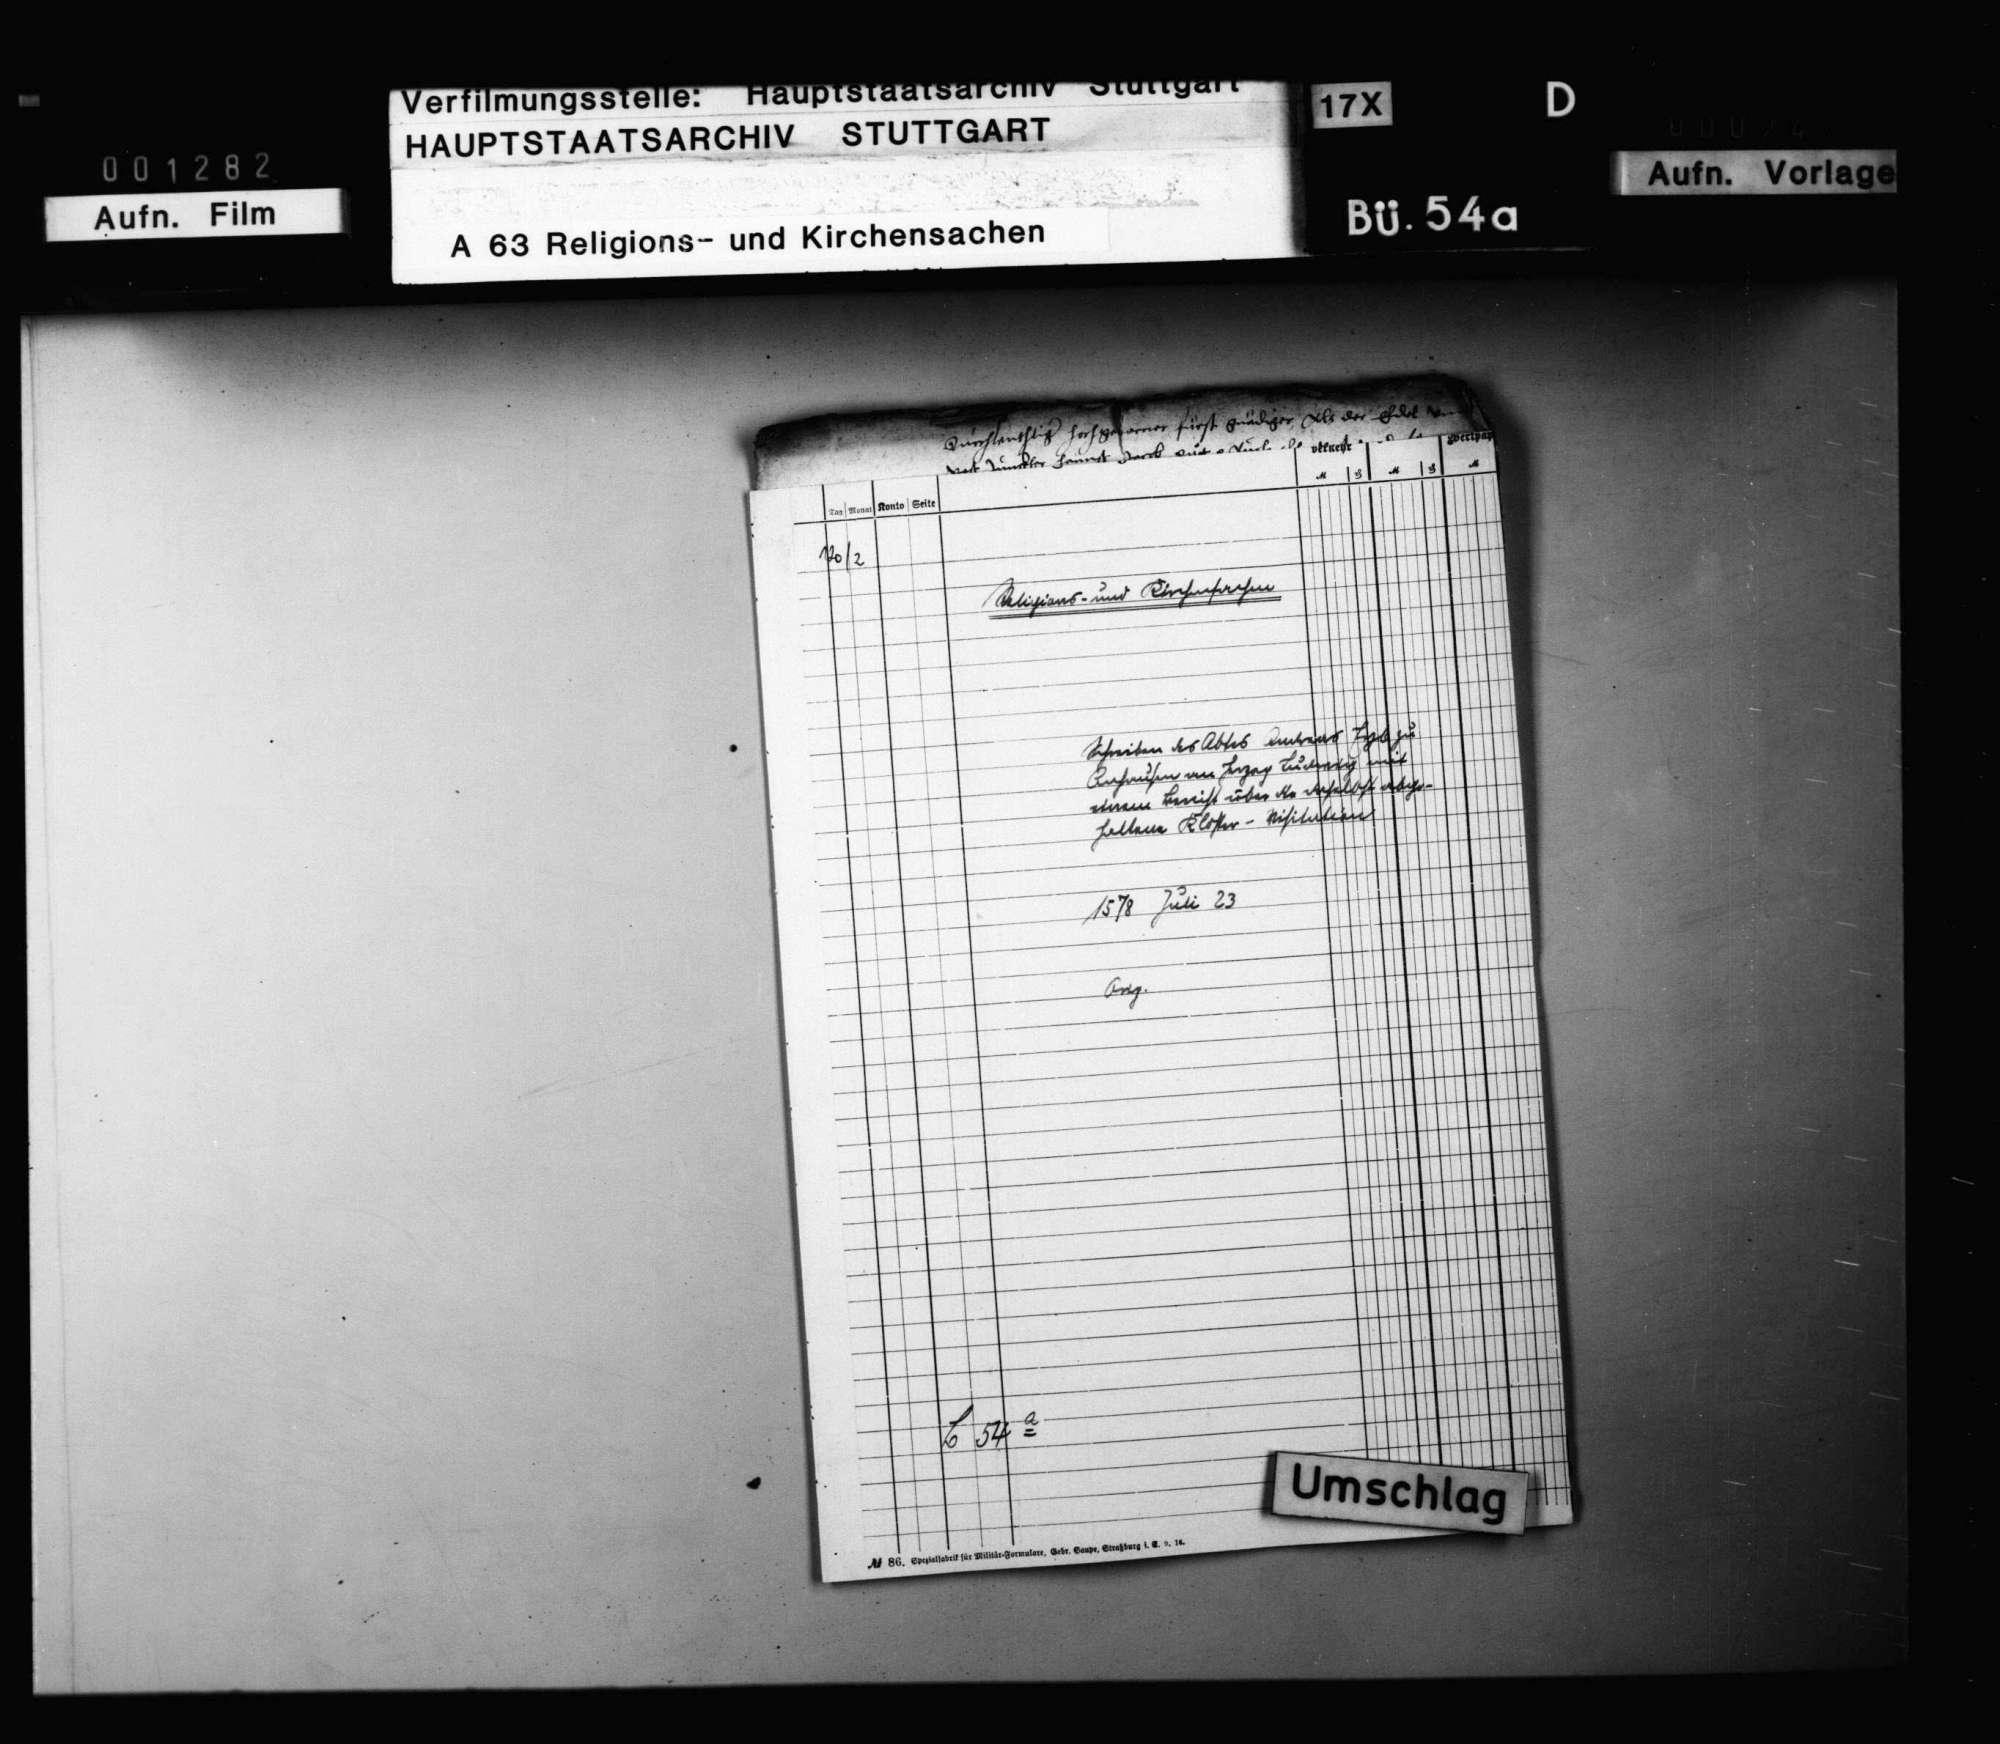 Schreiben des Abts Andreas Eyb zu Anhausen an Herzog Ludwig mit einem Bericht über die in seinem Kloster abgehaltenen Visitationen. Original, Bild 1